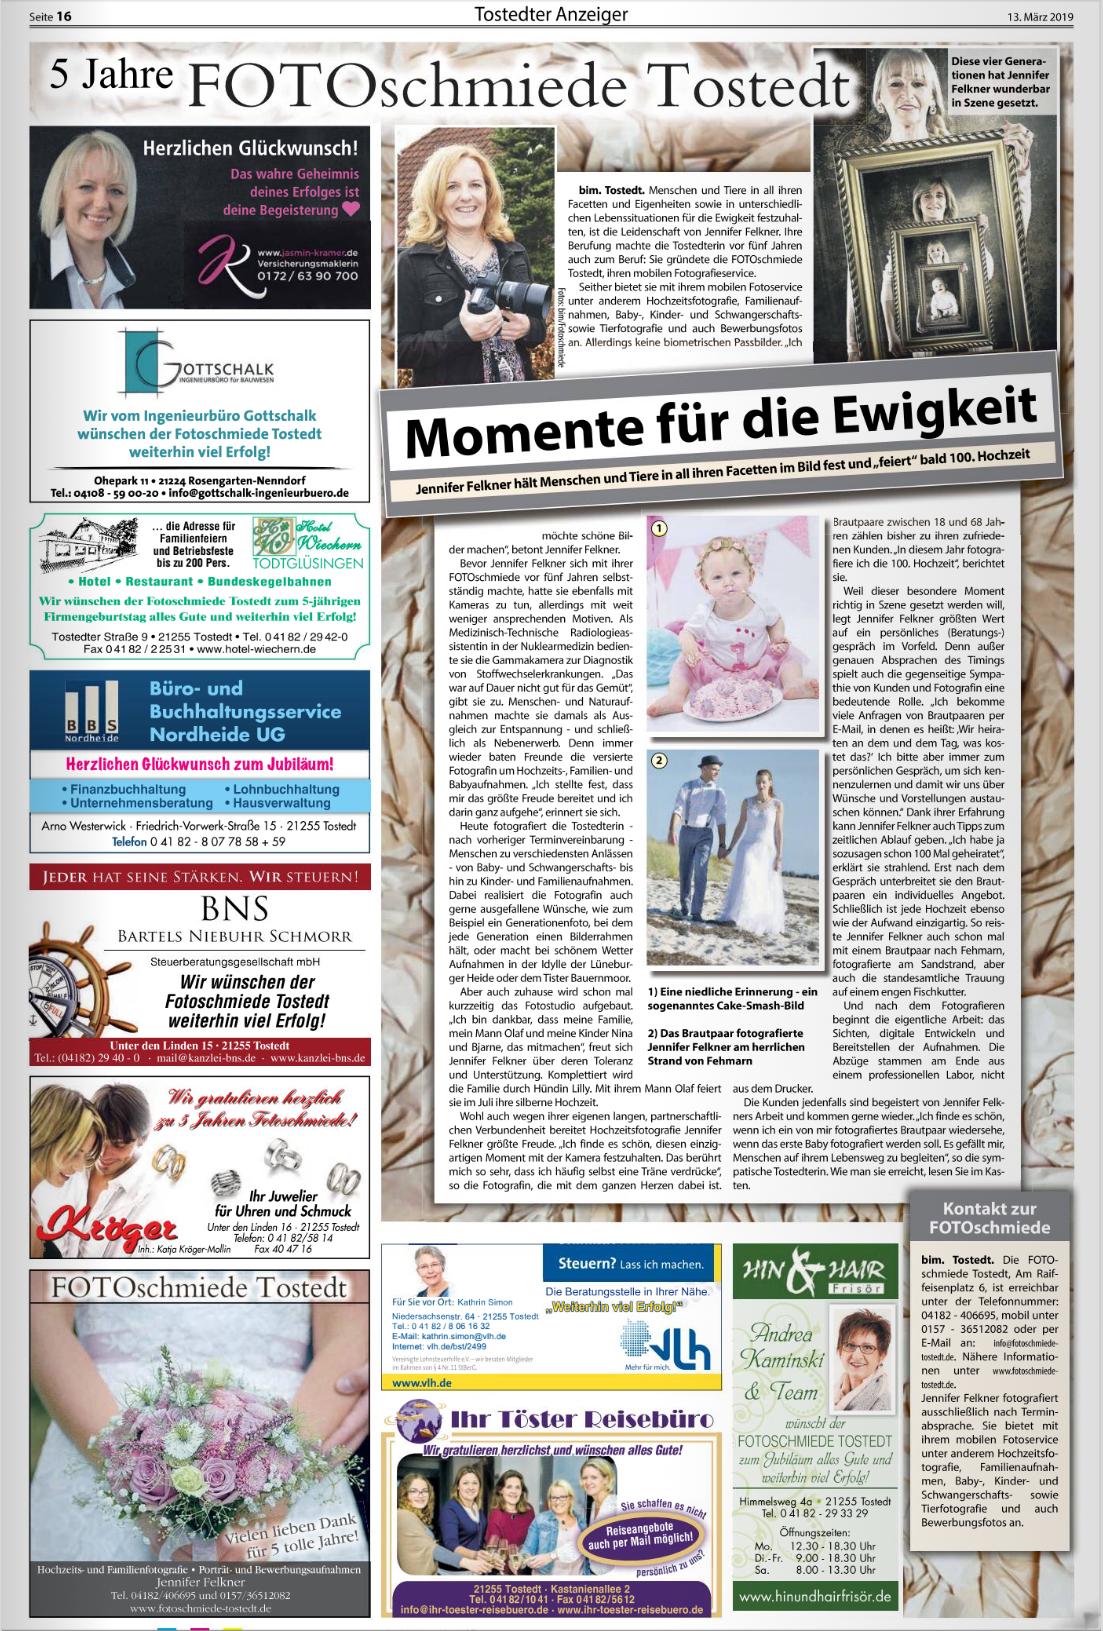 Wochenblattbericht 13.03.2019